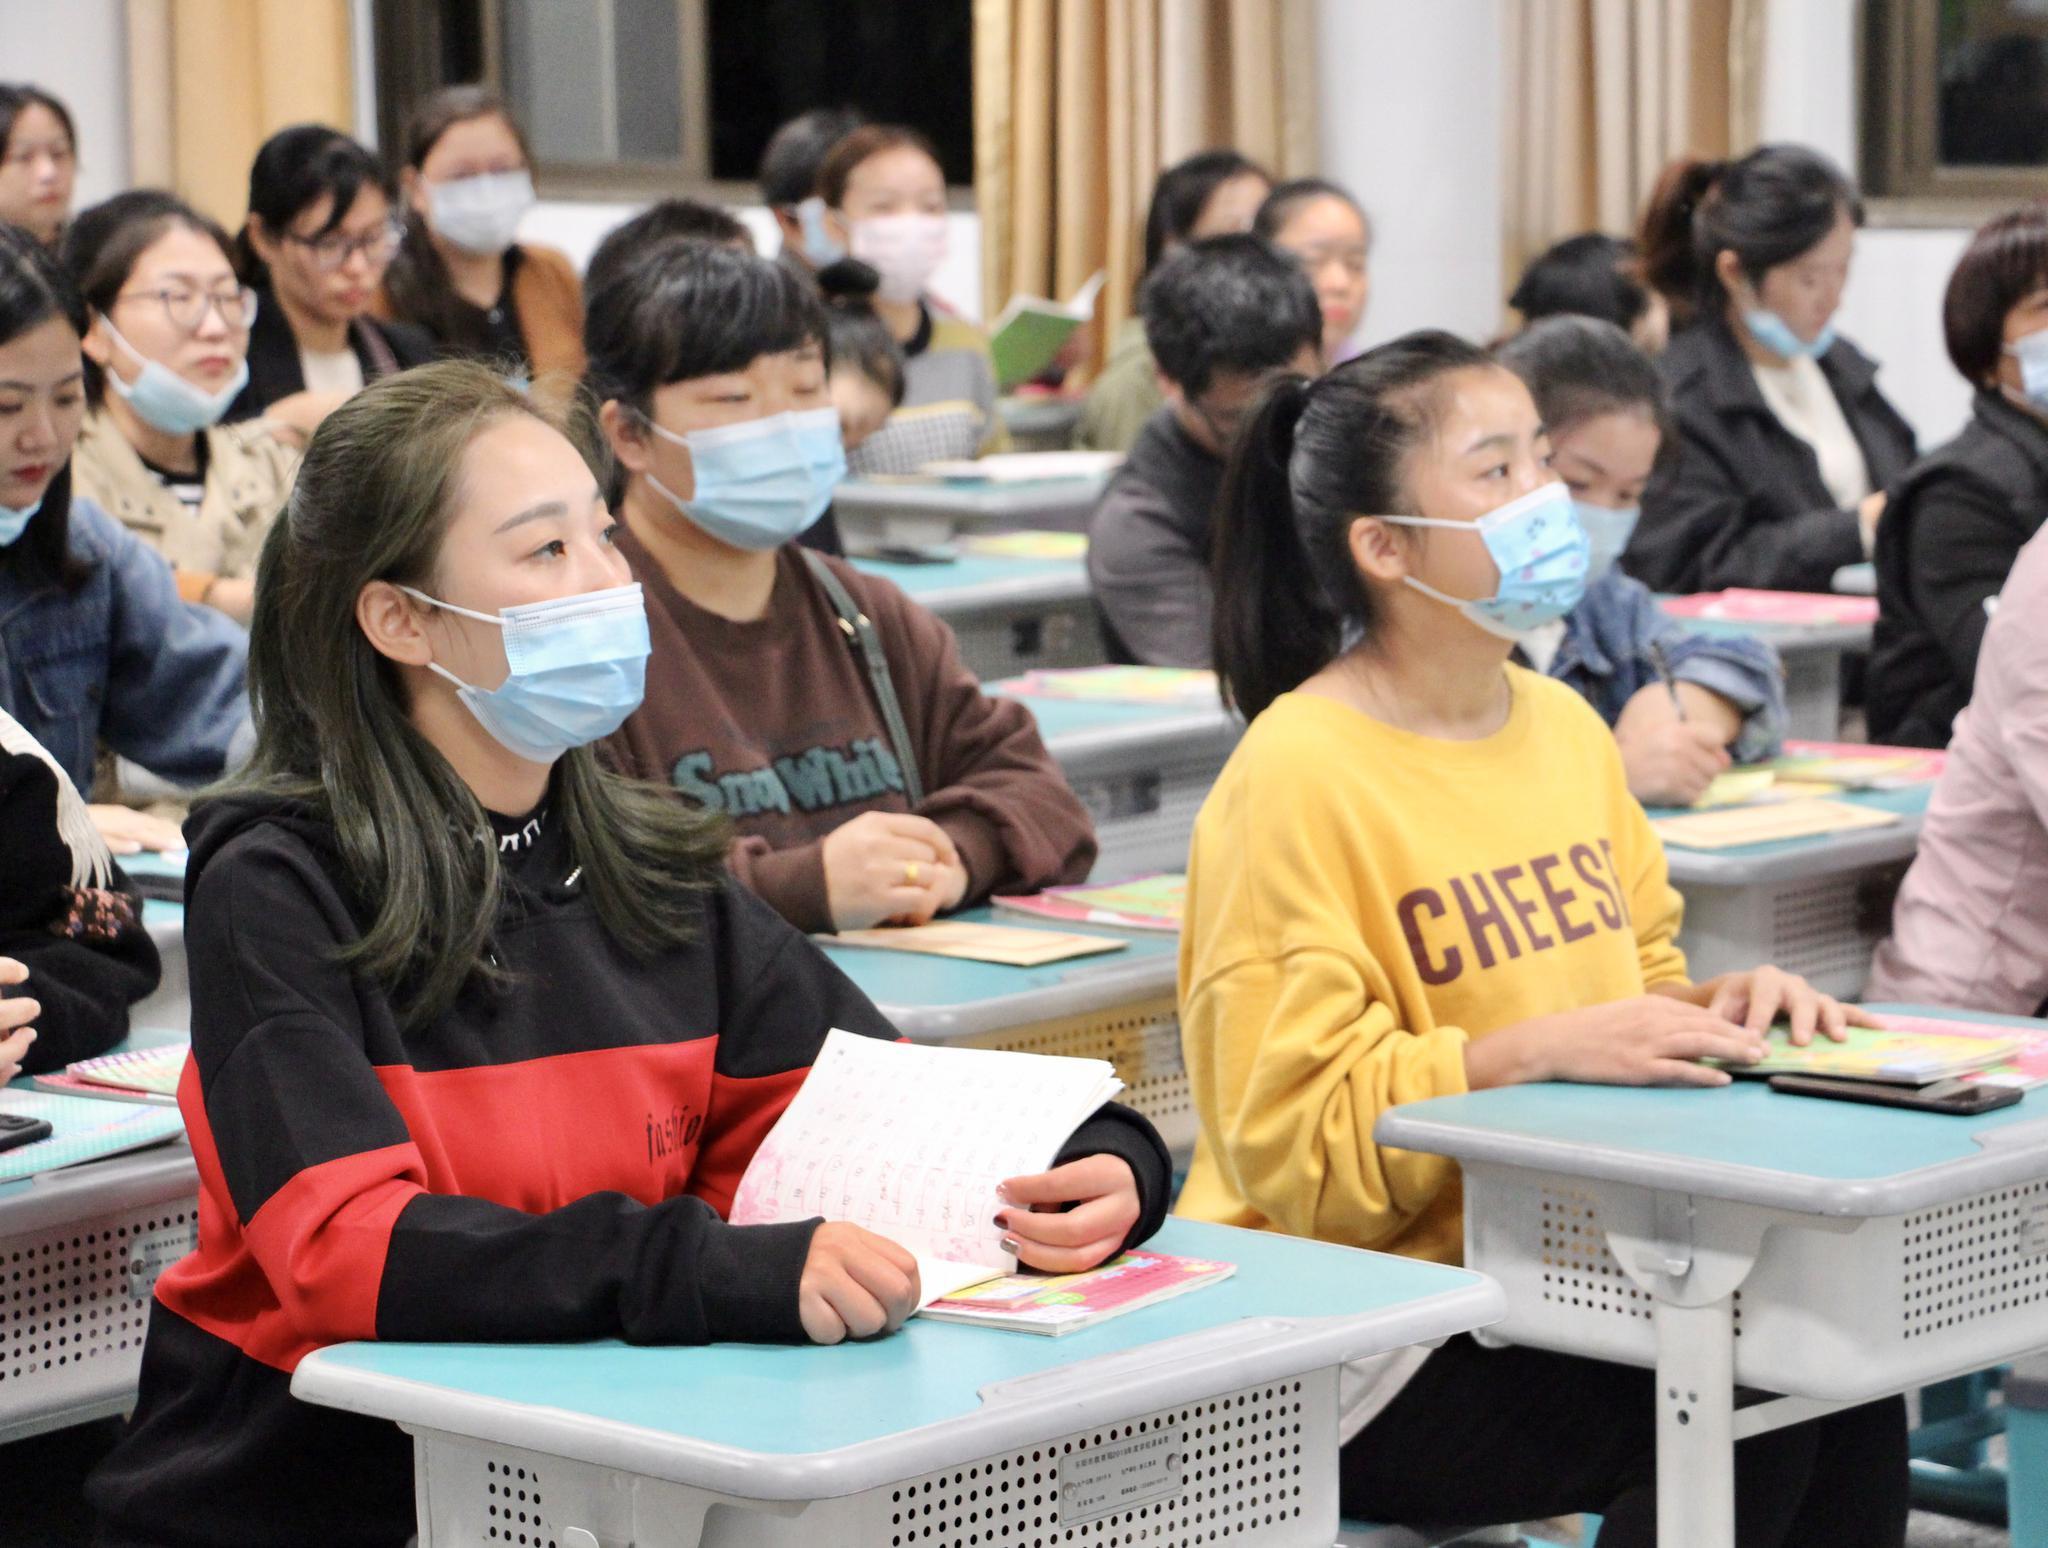 爱与责任同行 横店二小教育集团荆江校区召开一年级家长会